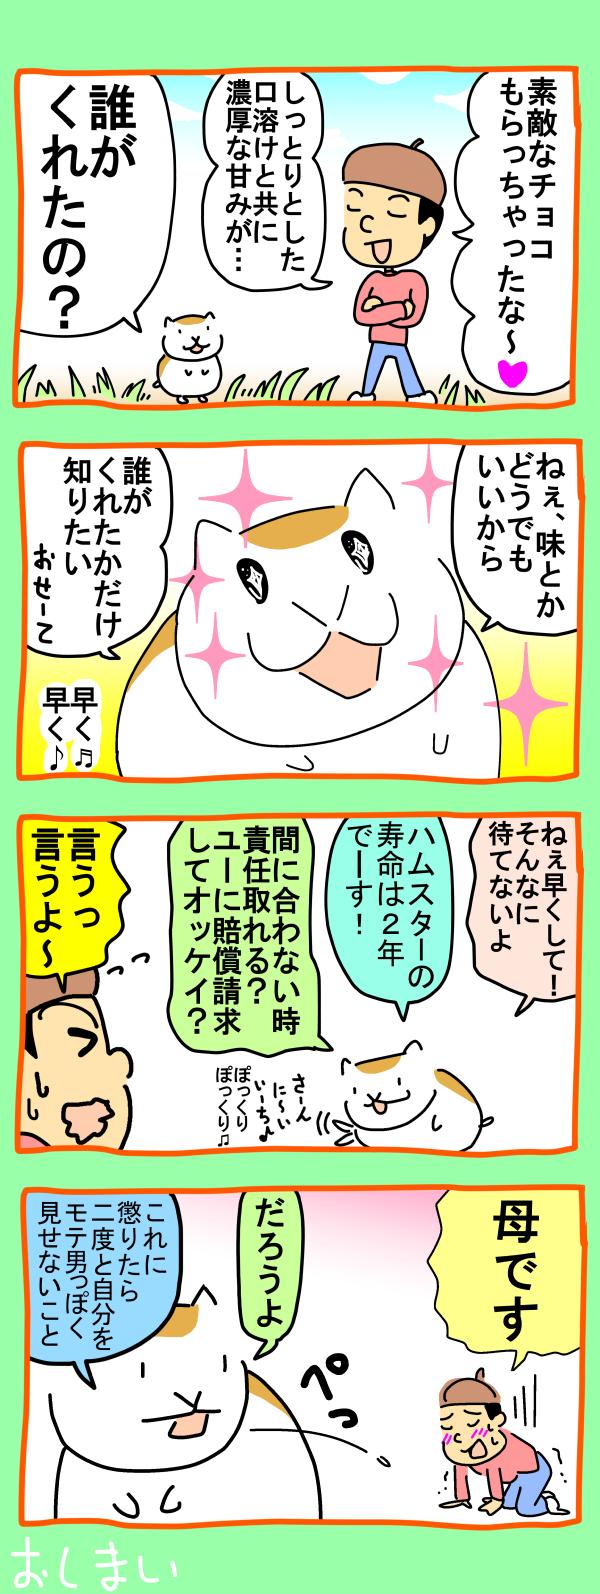 バレンタインの漫画